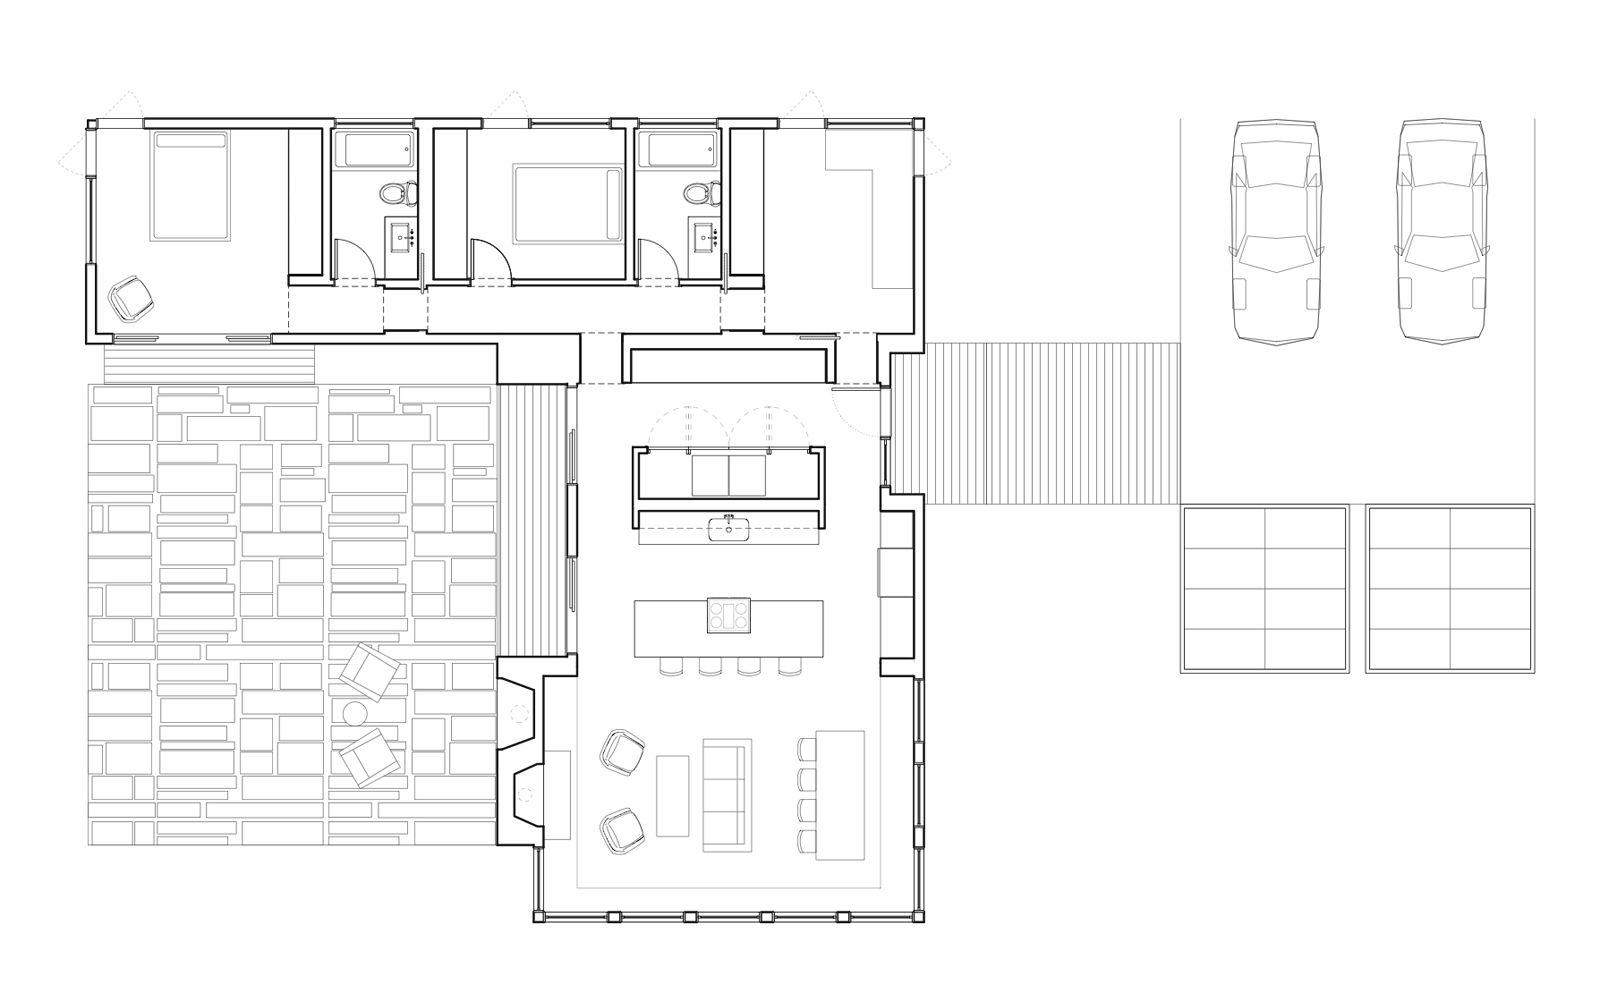 Diseno De Casa En Forma De L Planos Y Fachadas Planos - Planos-de-casas-en-l